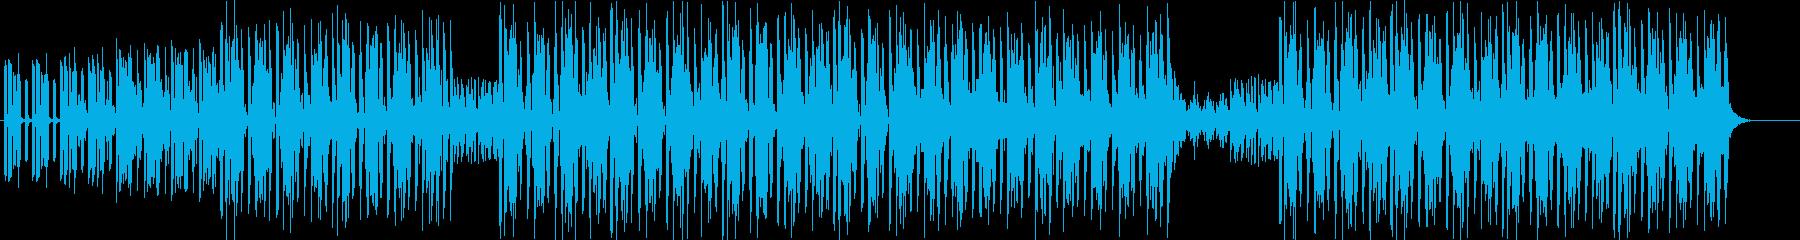 バブリーで軽薄な80年代ブラコン系歌謡の再生済みの波形